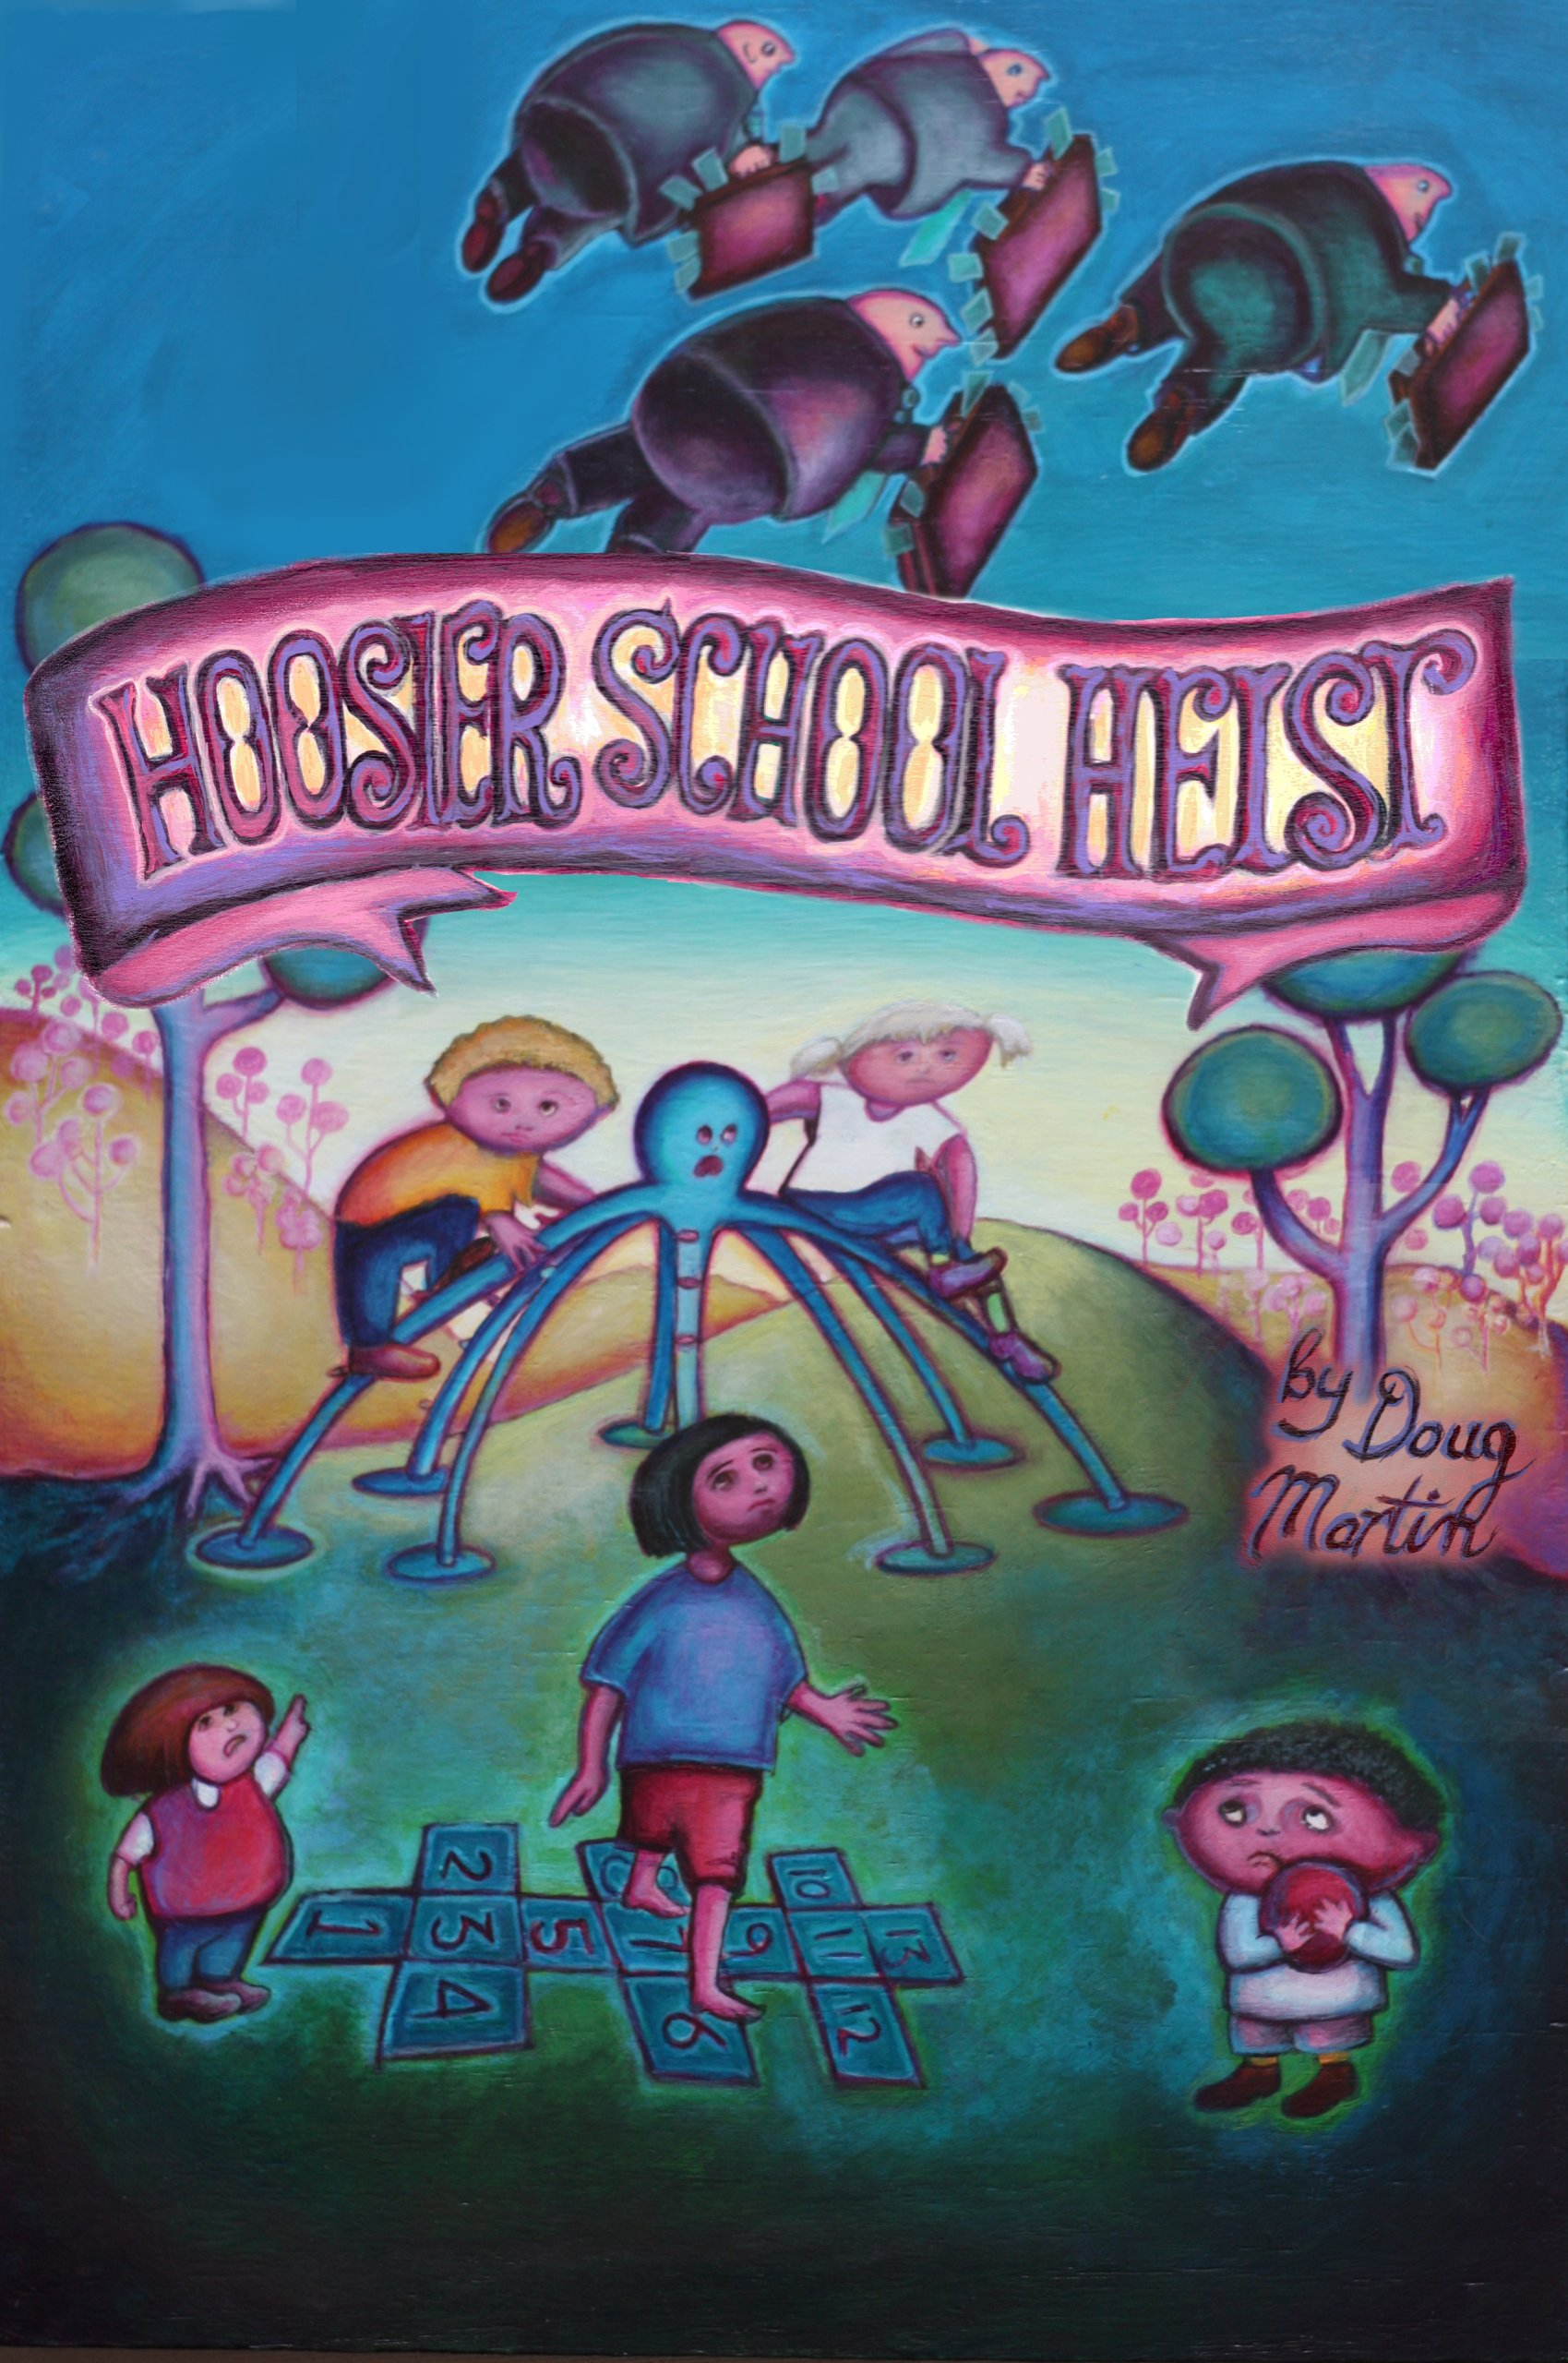 Hoosier School Heist ebook